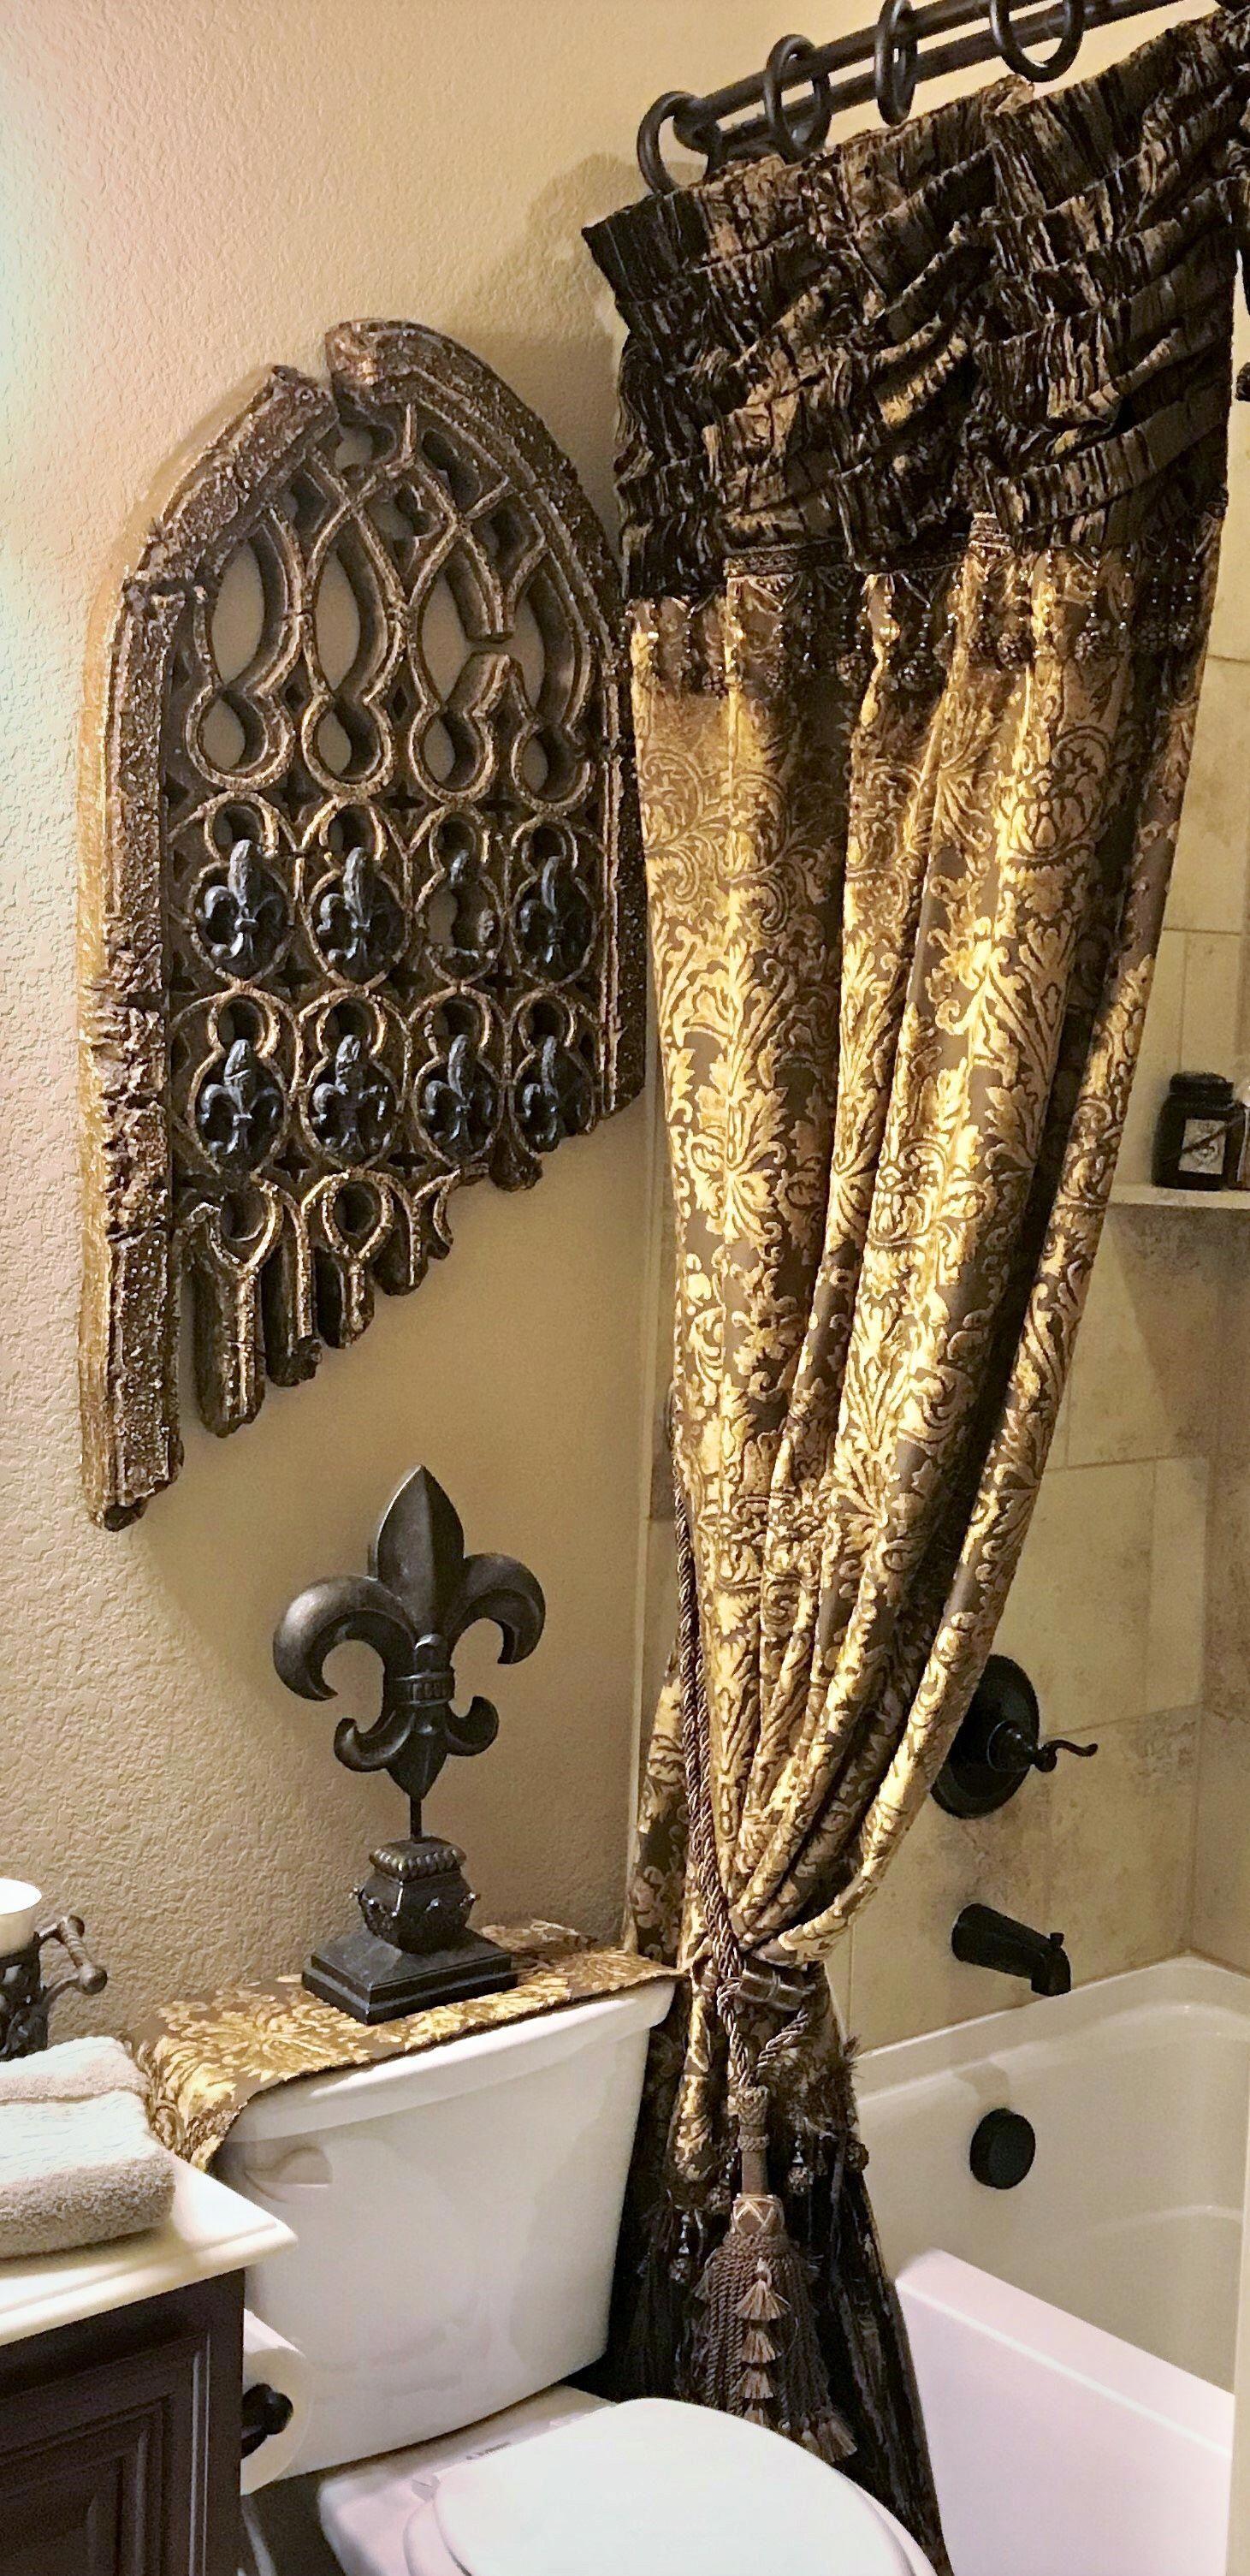 Homedecorating Diy Bathroom Decor Bathroom Styling Bathroom